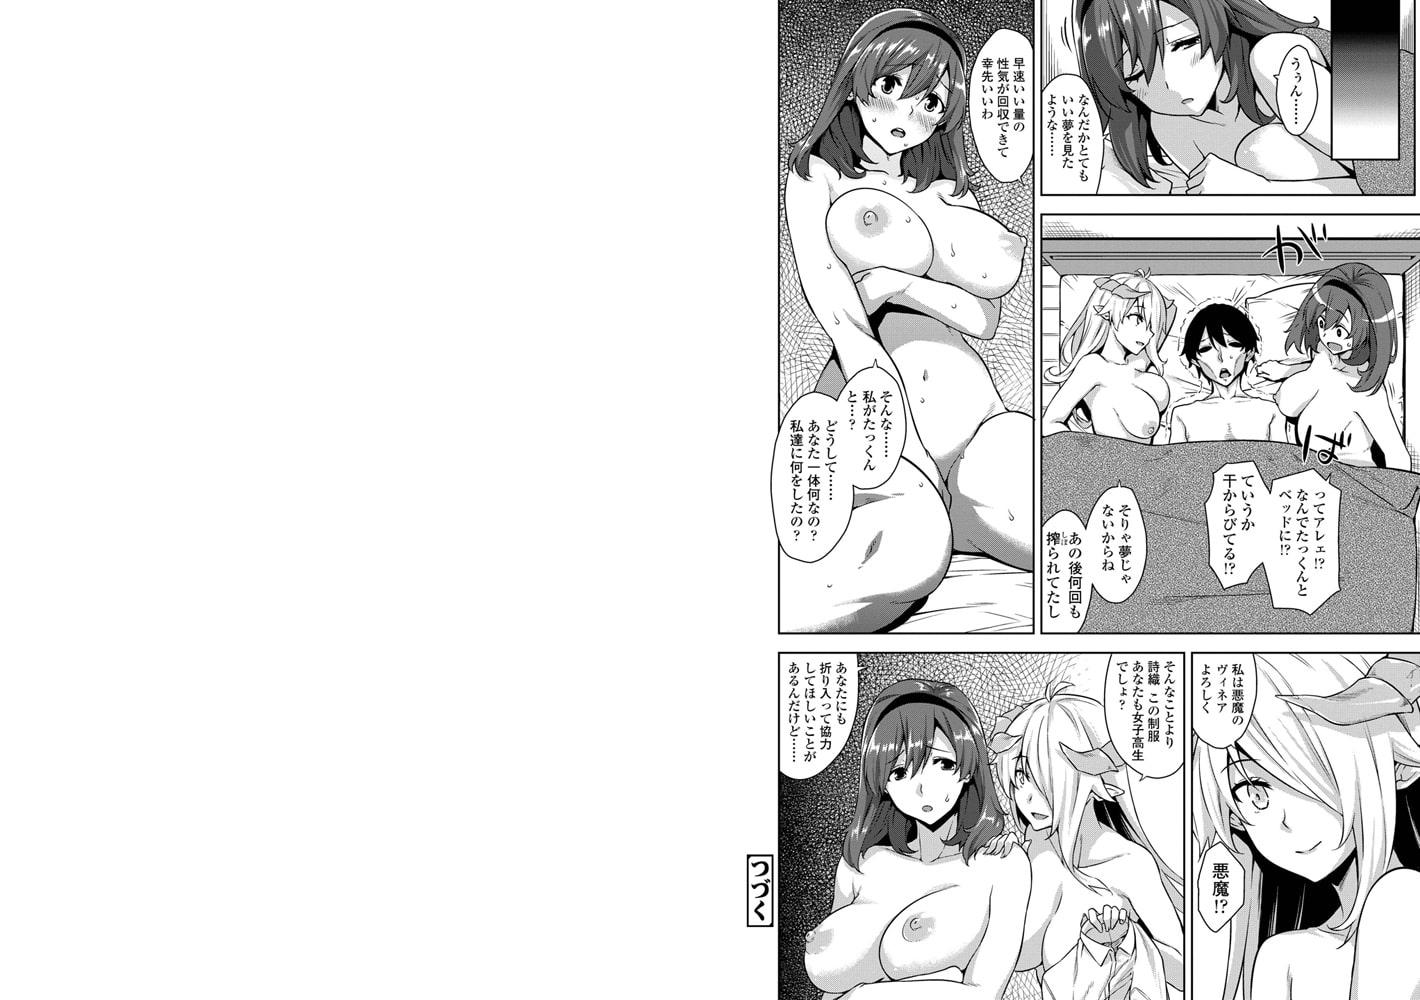 アクマでJK!【DLsite限定特典付き】